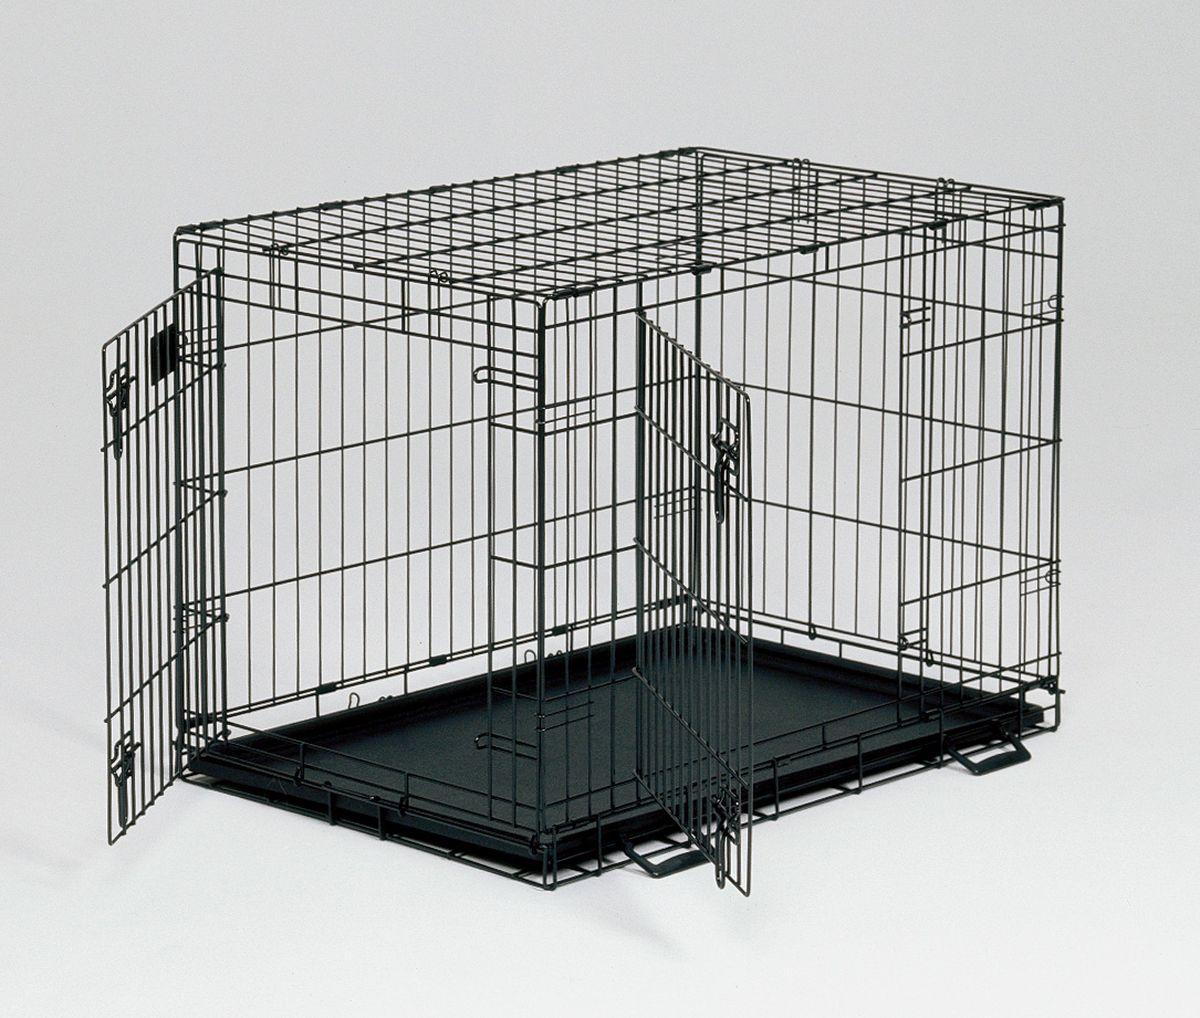 Клетка Midwest Life Stage, 2 двери, 107 x 71 x 79 см1642DDКлетка Midwest  Life Stag A.C.E. разработана специально для транспортировки крупных собак. Закругленная угловая защита обеспечивает безопасность питомцам и людям. Клетка из нержавеющей стали оснащена: - двумя надежными дверками; - безопасным двойным замком (задвижка закрывает и снаружи и внутри); - прочным пластиковым поддоном, который не повреждает поверхность, на которой размещается; - разделяющей панелью, обеспечивающей создание универсальных отсеков; - качественными ручками для переноски питомца.Размер клетки (ДхШхВ): 107 x 71 x 79 см. Вес конструкции: 20,5 кг.Товар сертифицирован.